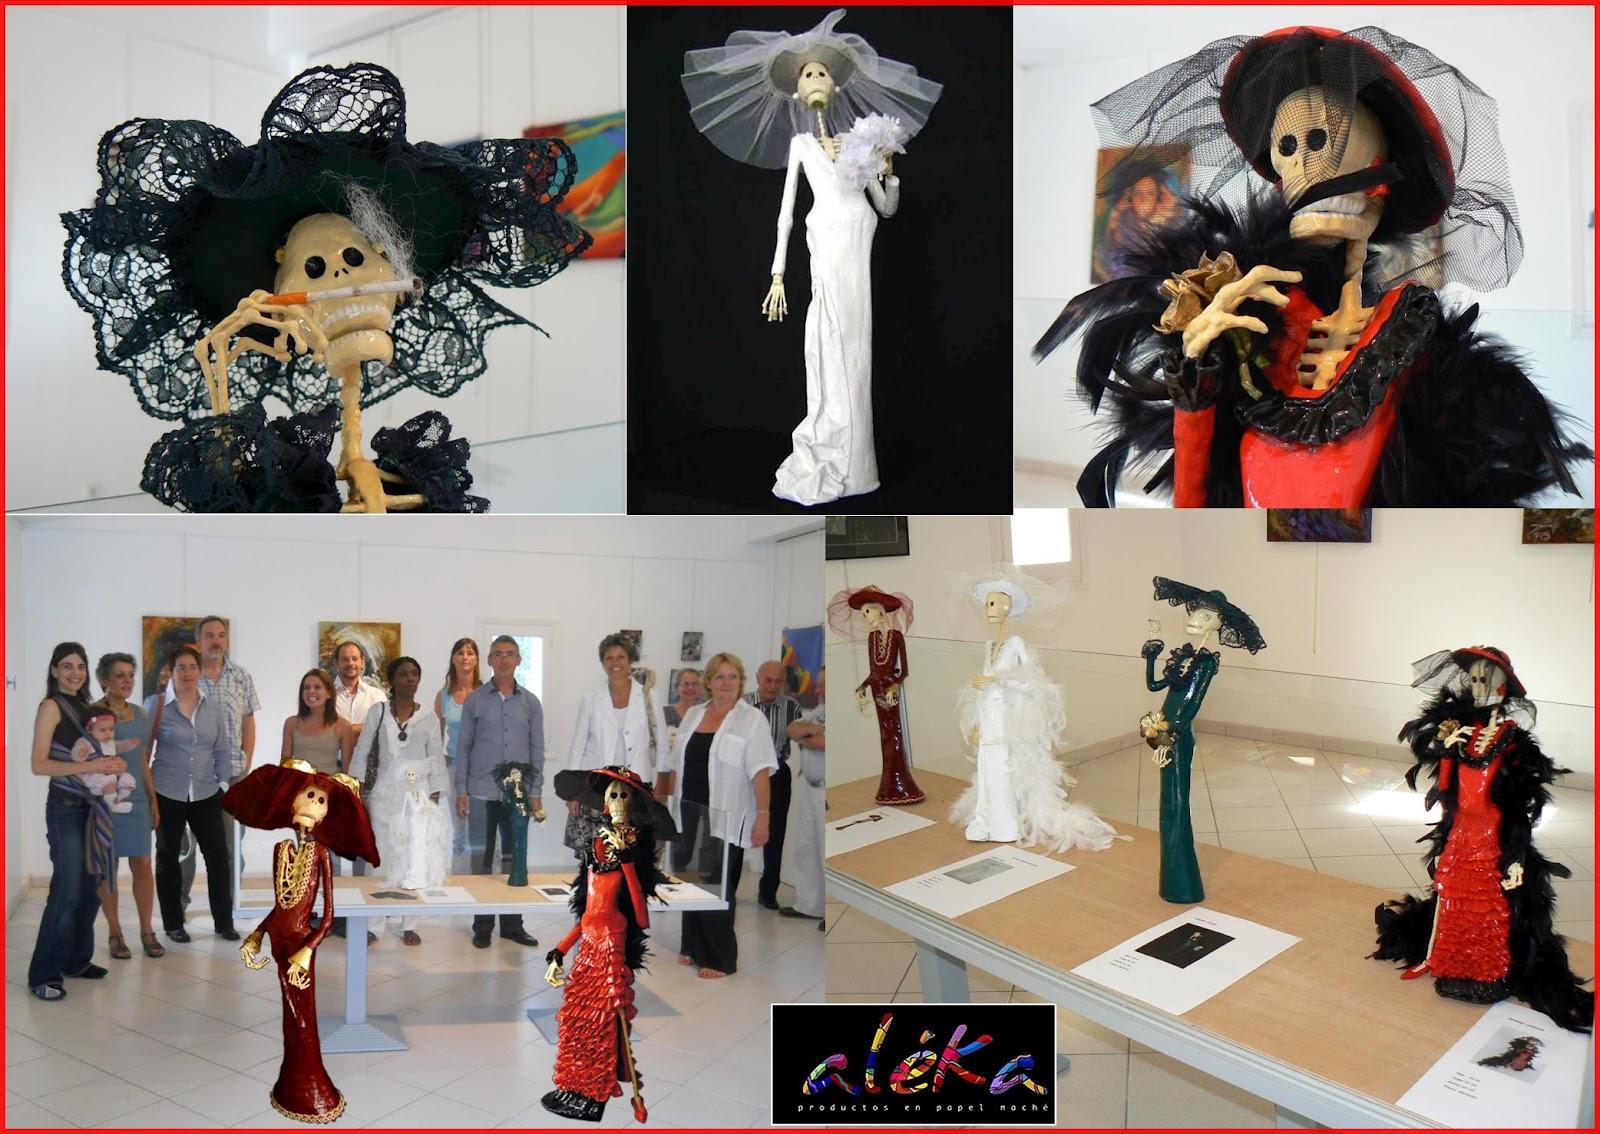 ALÉKA en los trajes elaborados con minucia, gusto y delicadeza, sus plumajes y elegancia de las damas Catrinas  Carolina, Nohora, Isabela y Tatiana.